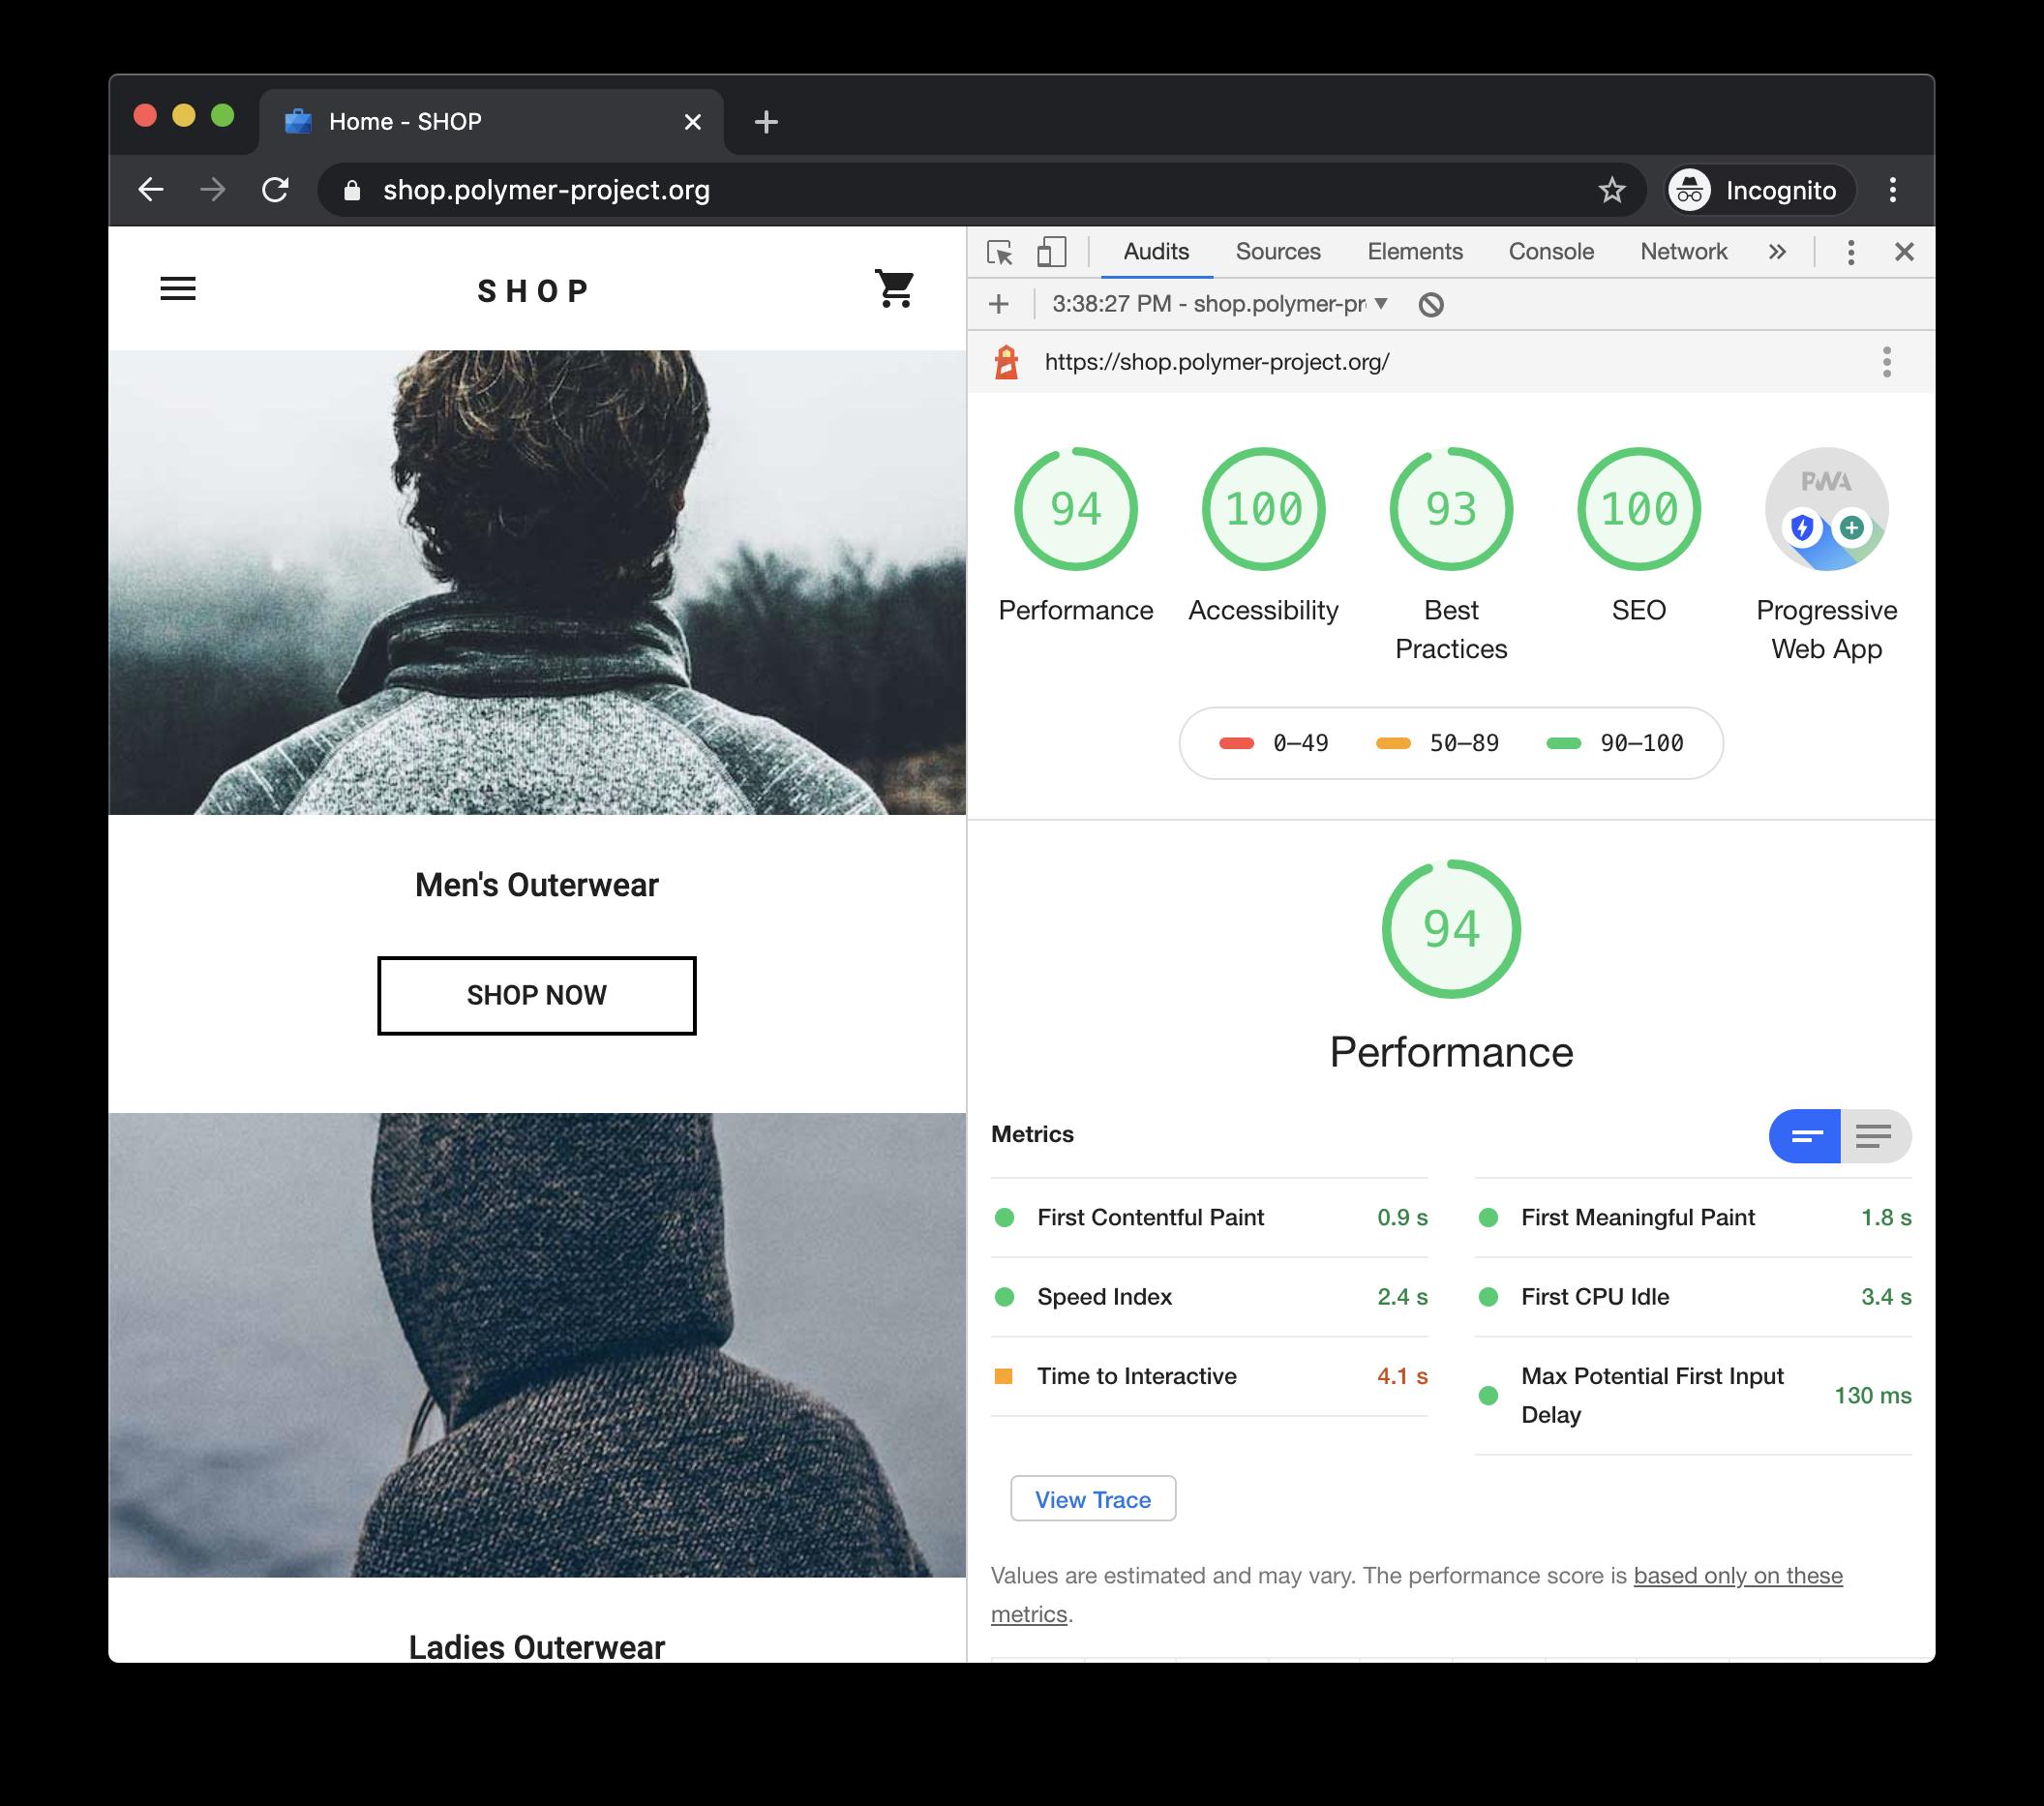 Zeigt die geprüfte Seite im linken Bereich des Browsers an. Rechts ist das Chrome DevTools Performance Panel mit dem Lighthouse Report zu sehen.